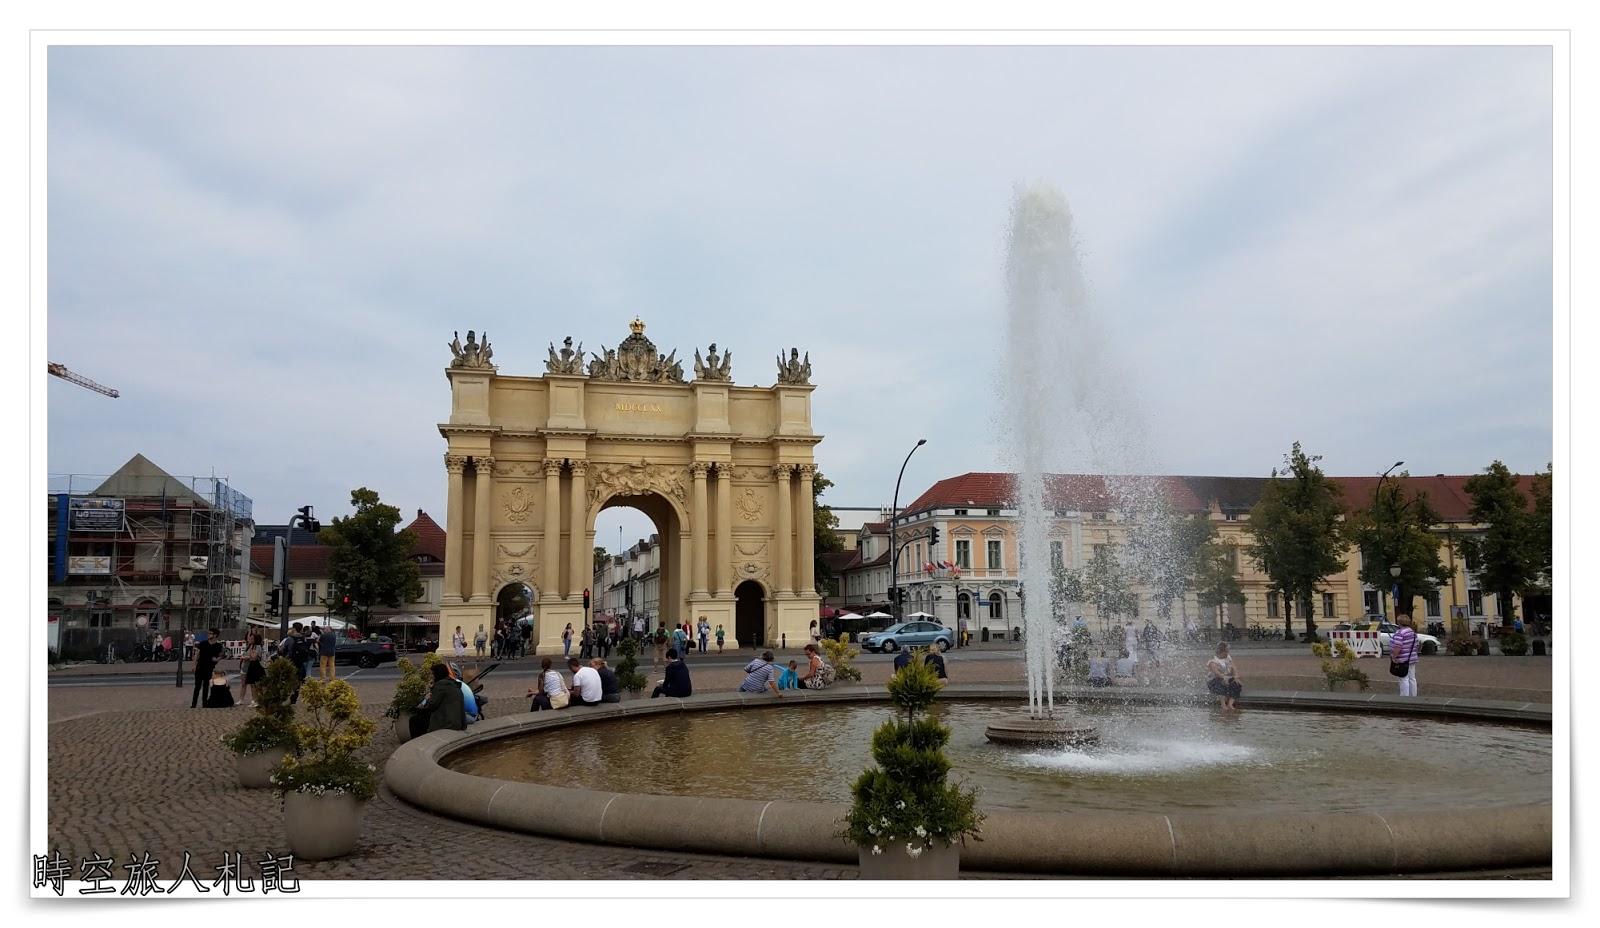 波茨坦一日遊: 無憂宮公園、老城區